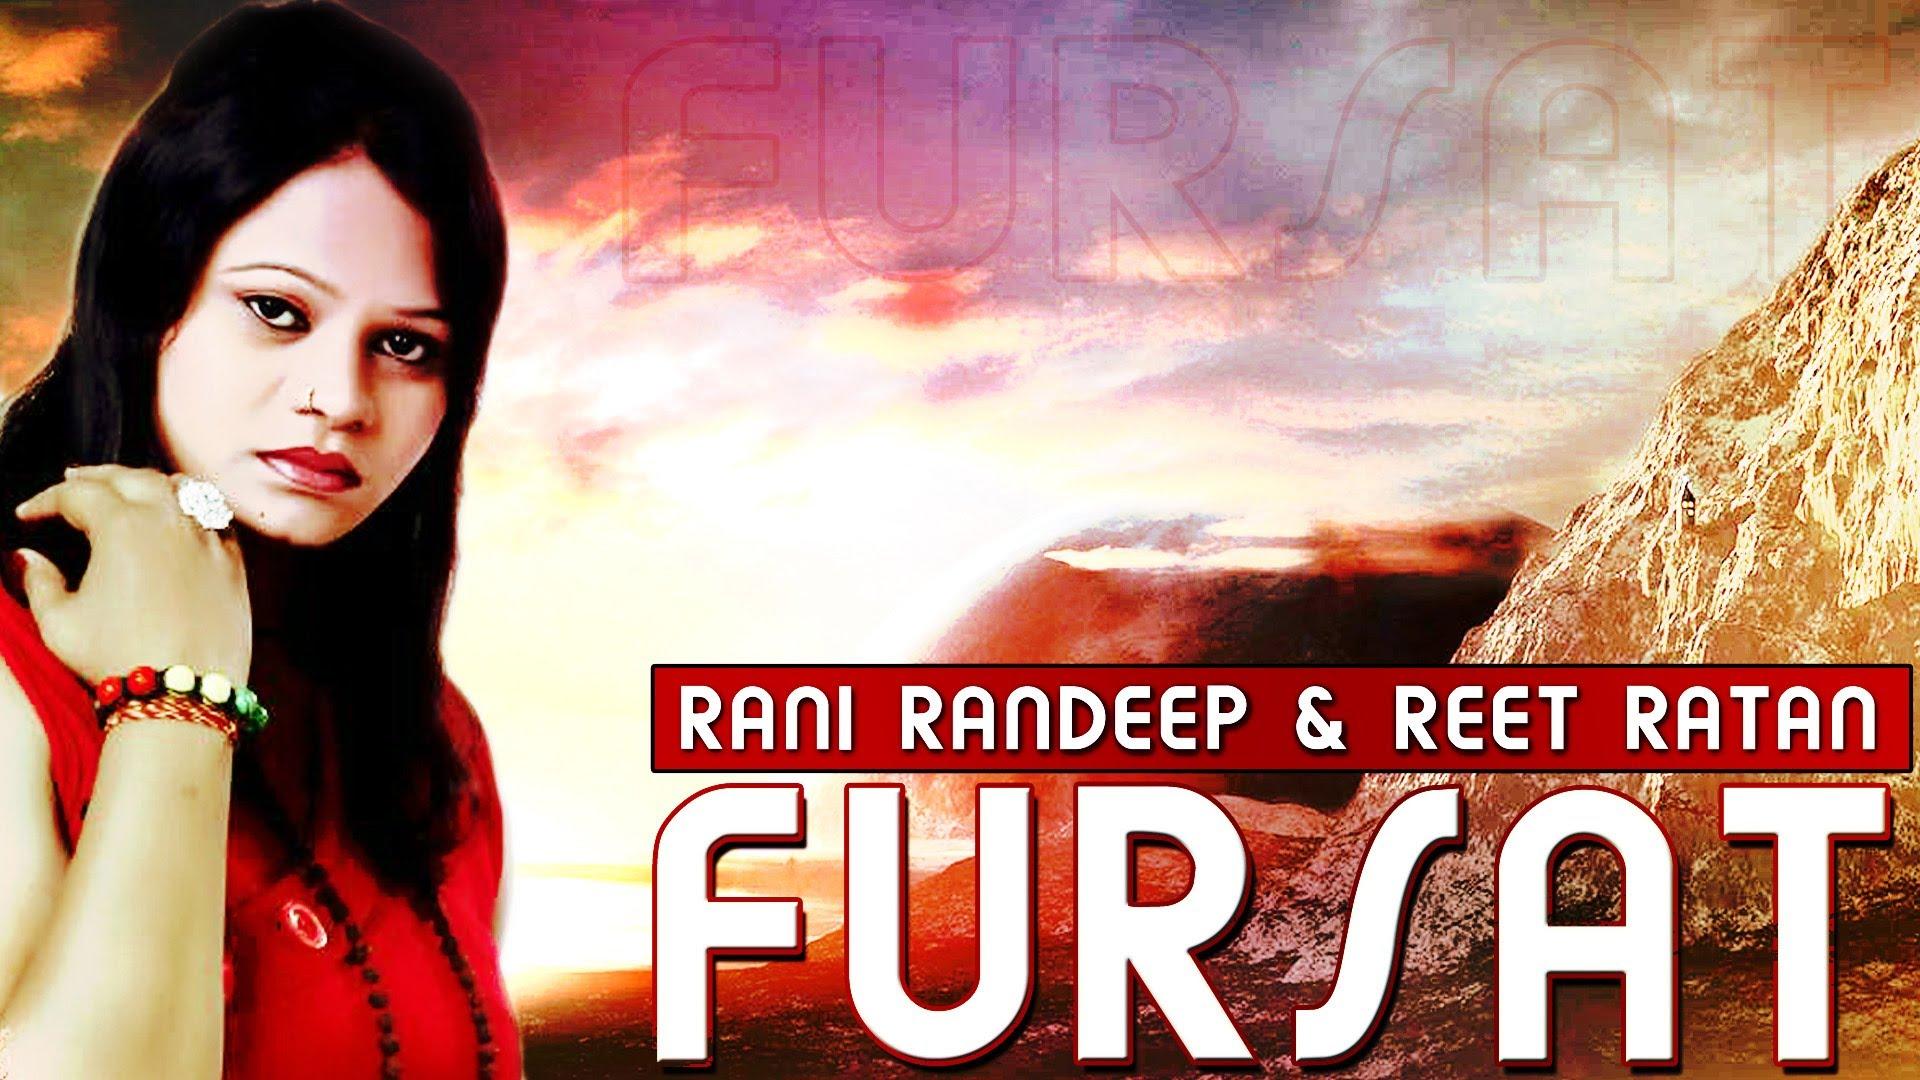 Rani Randeep - Tere Vaade